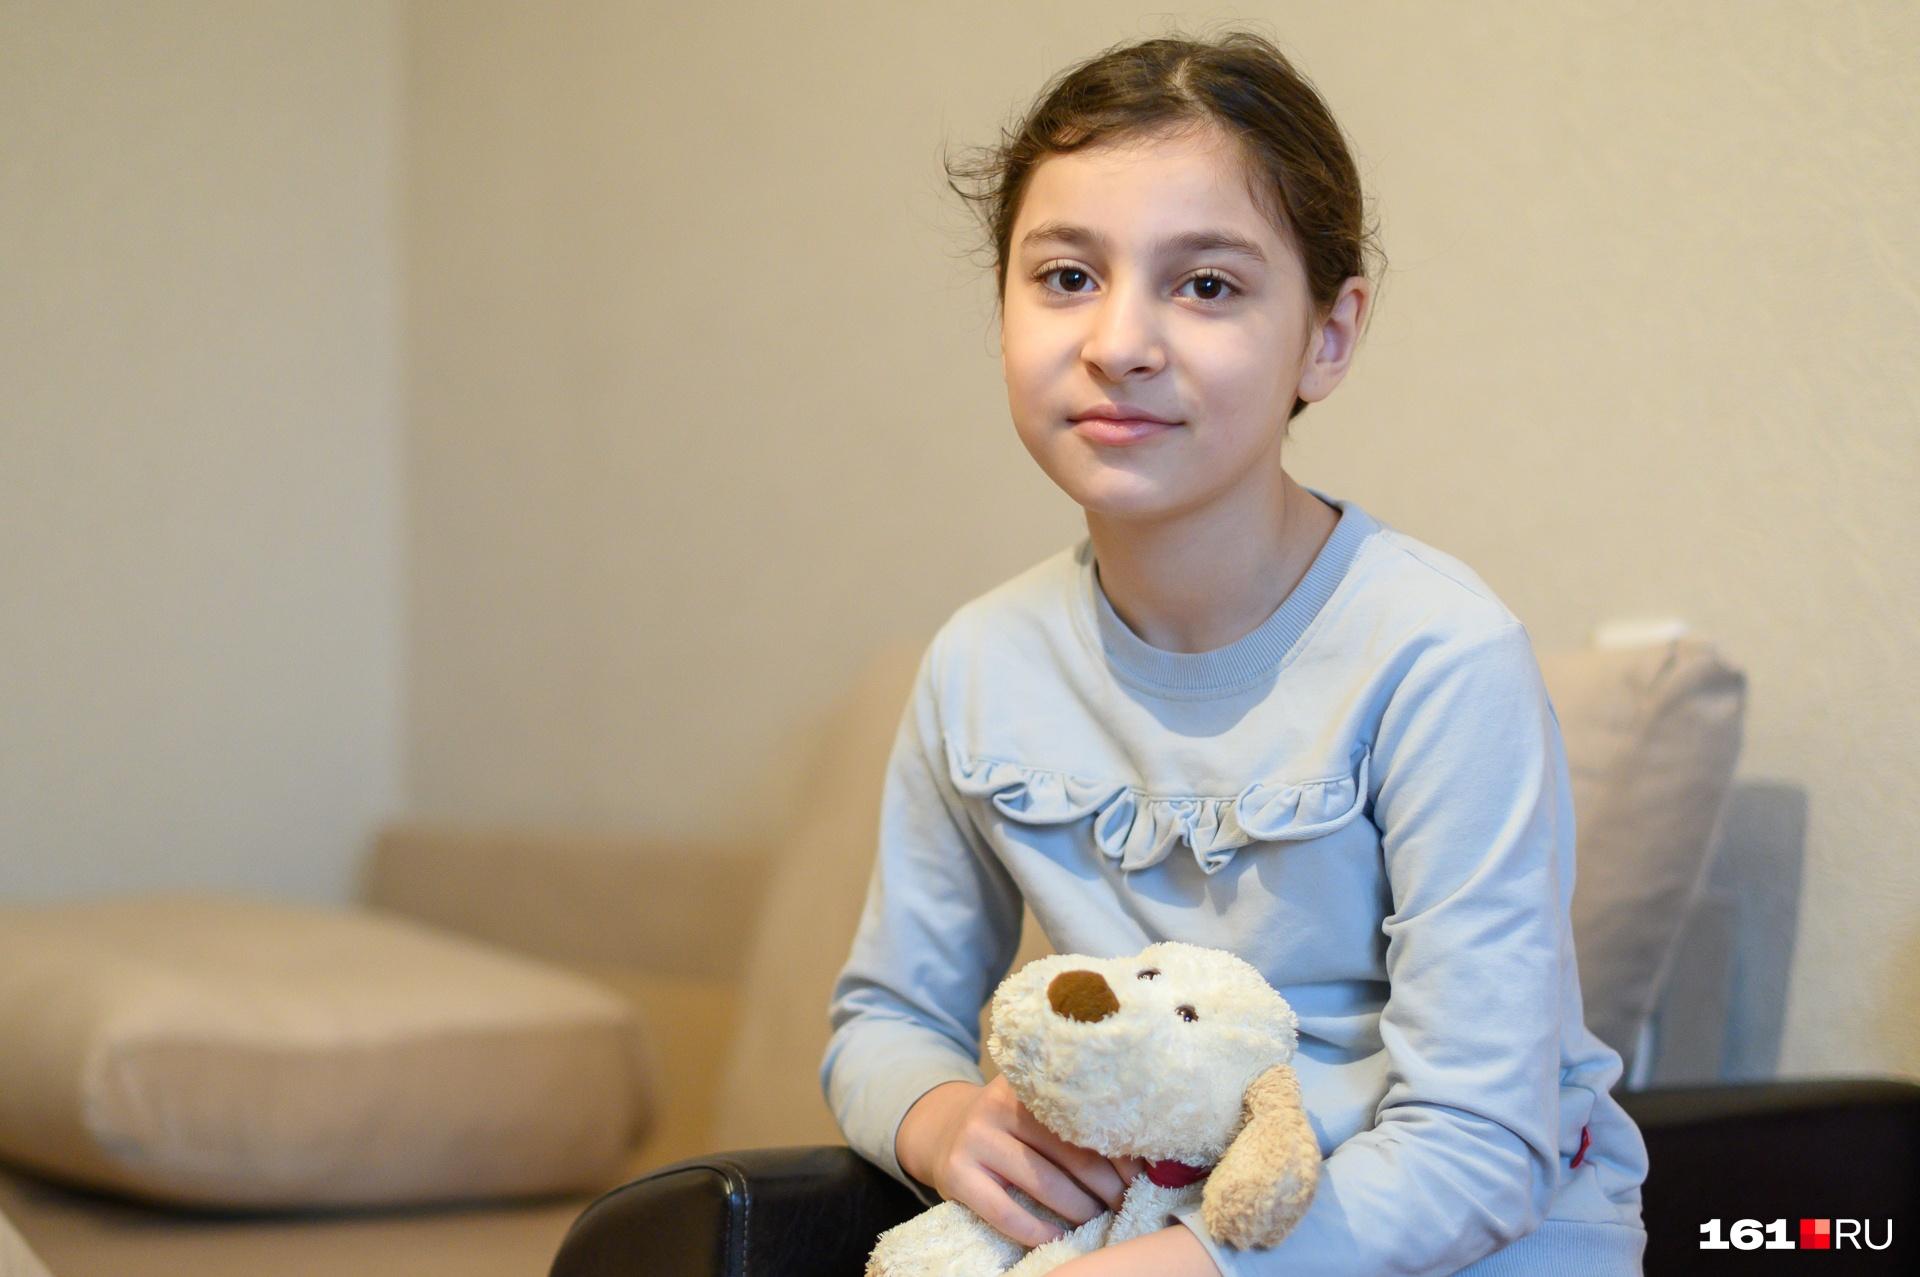 Младшая Диля мечтает найти новых друзей в новой школе